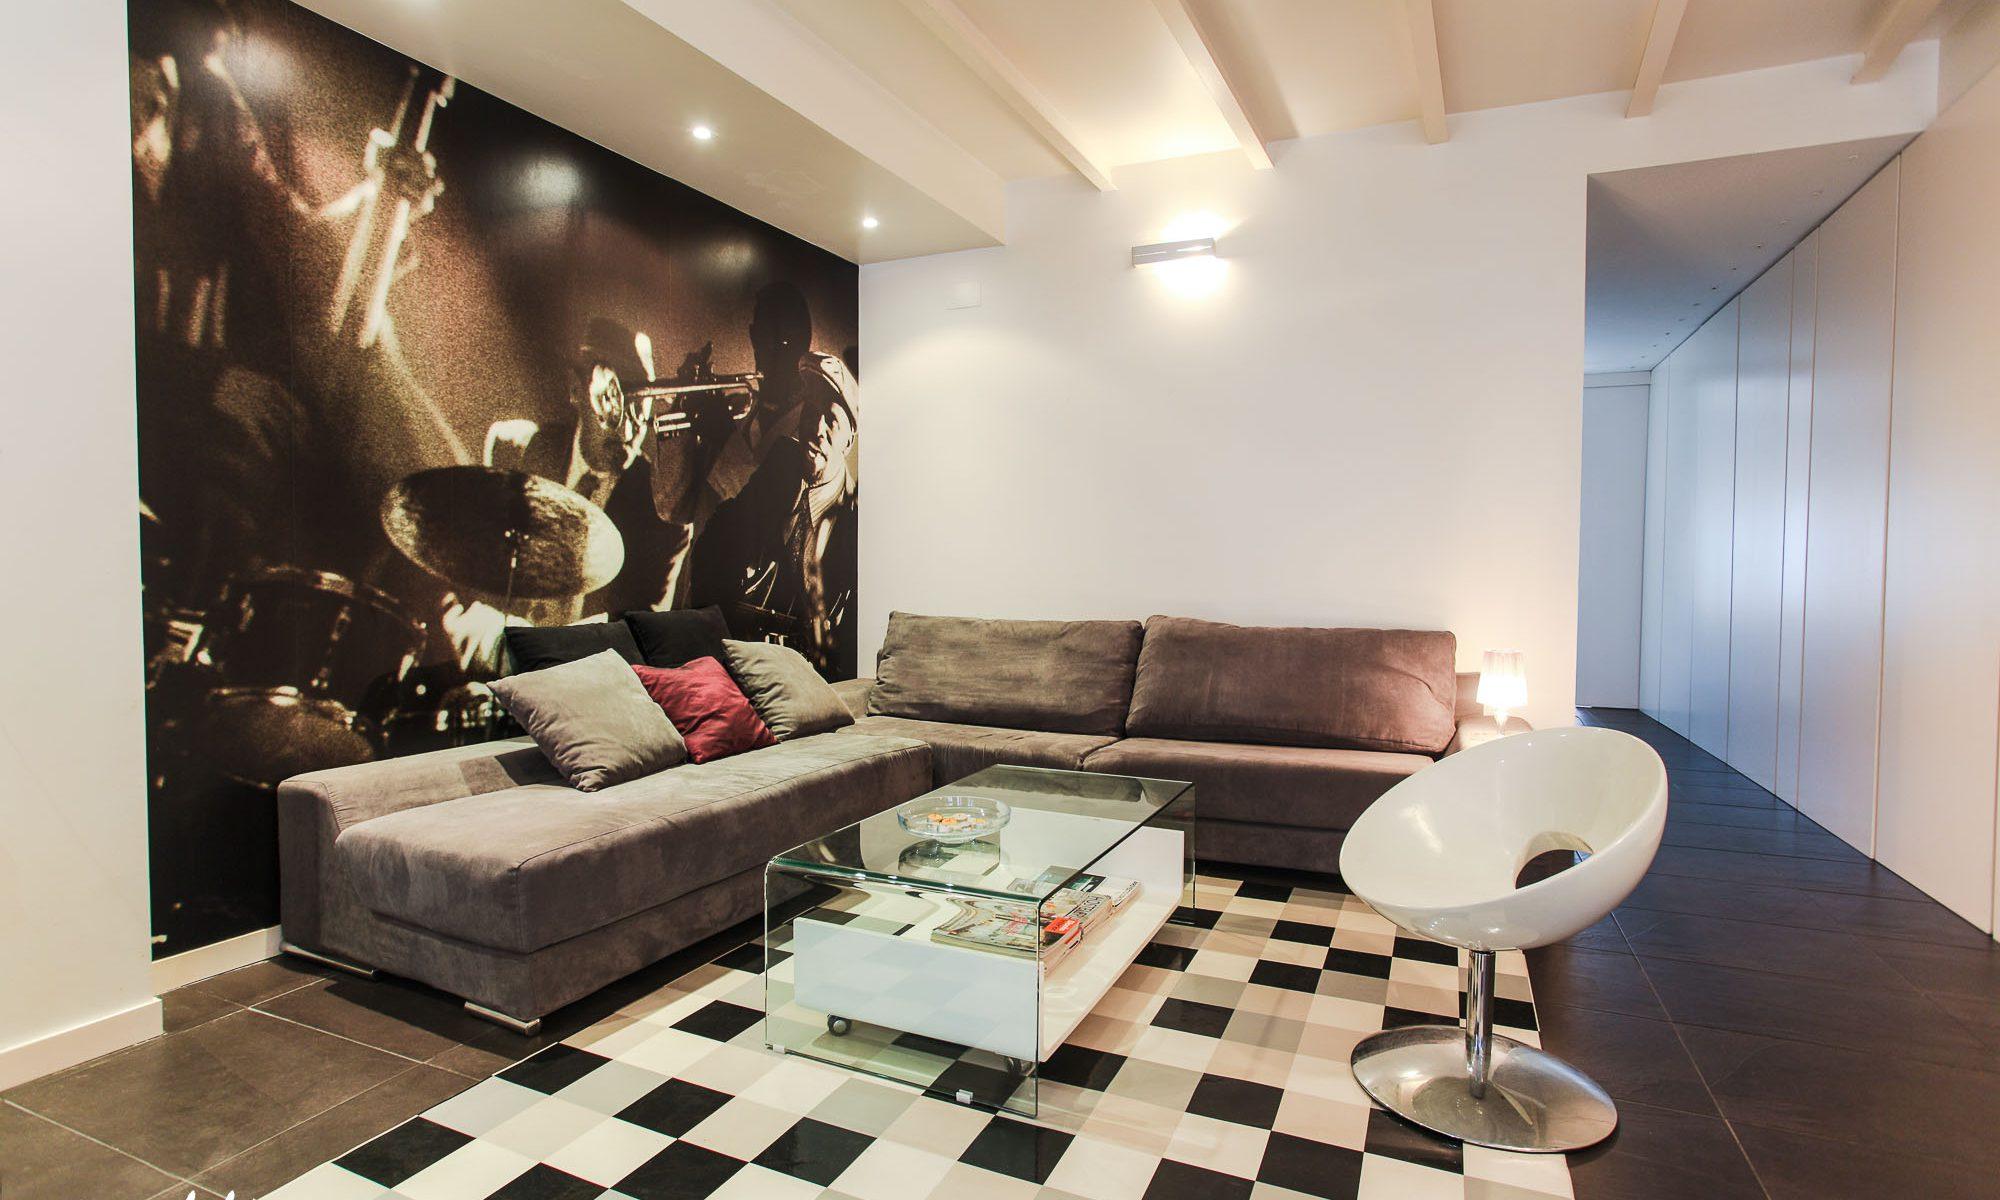 Fotografía para inmobiliarias (Proyecto de CAO Interiores, fotografía de Archerphoto)